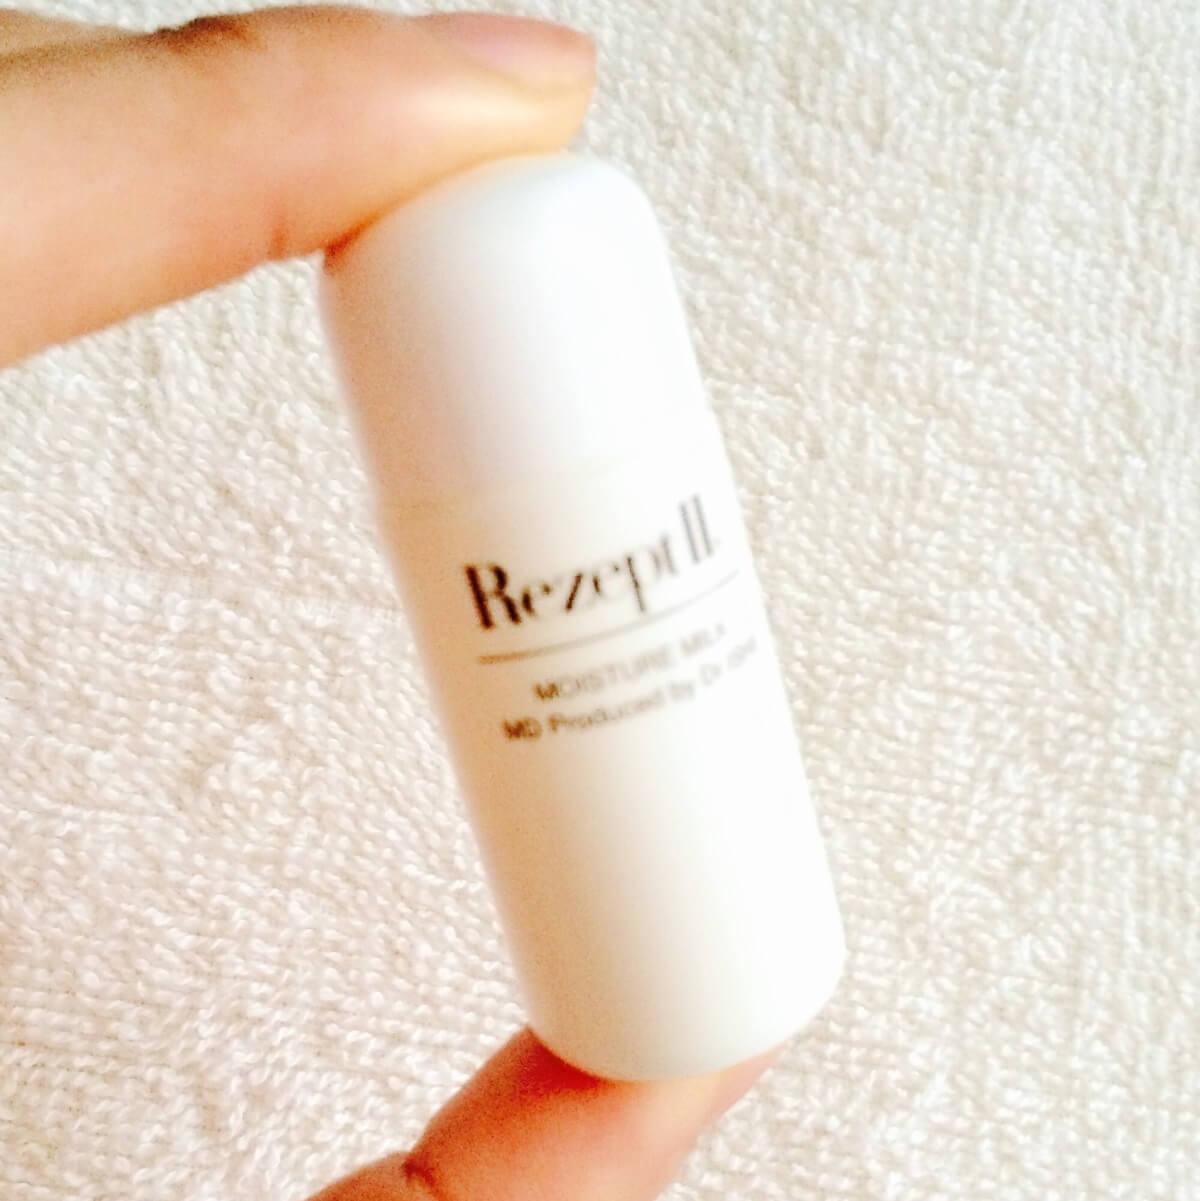 MD化粧品 レセプトⅡ<br>トライアルセット(乾燥肌タイプ)の画像